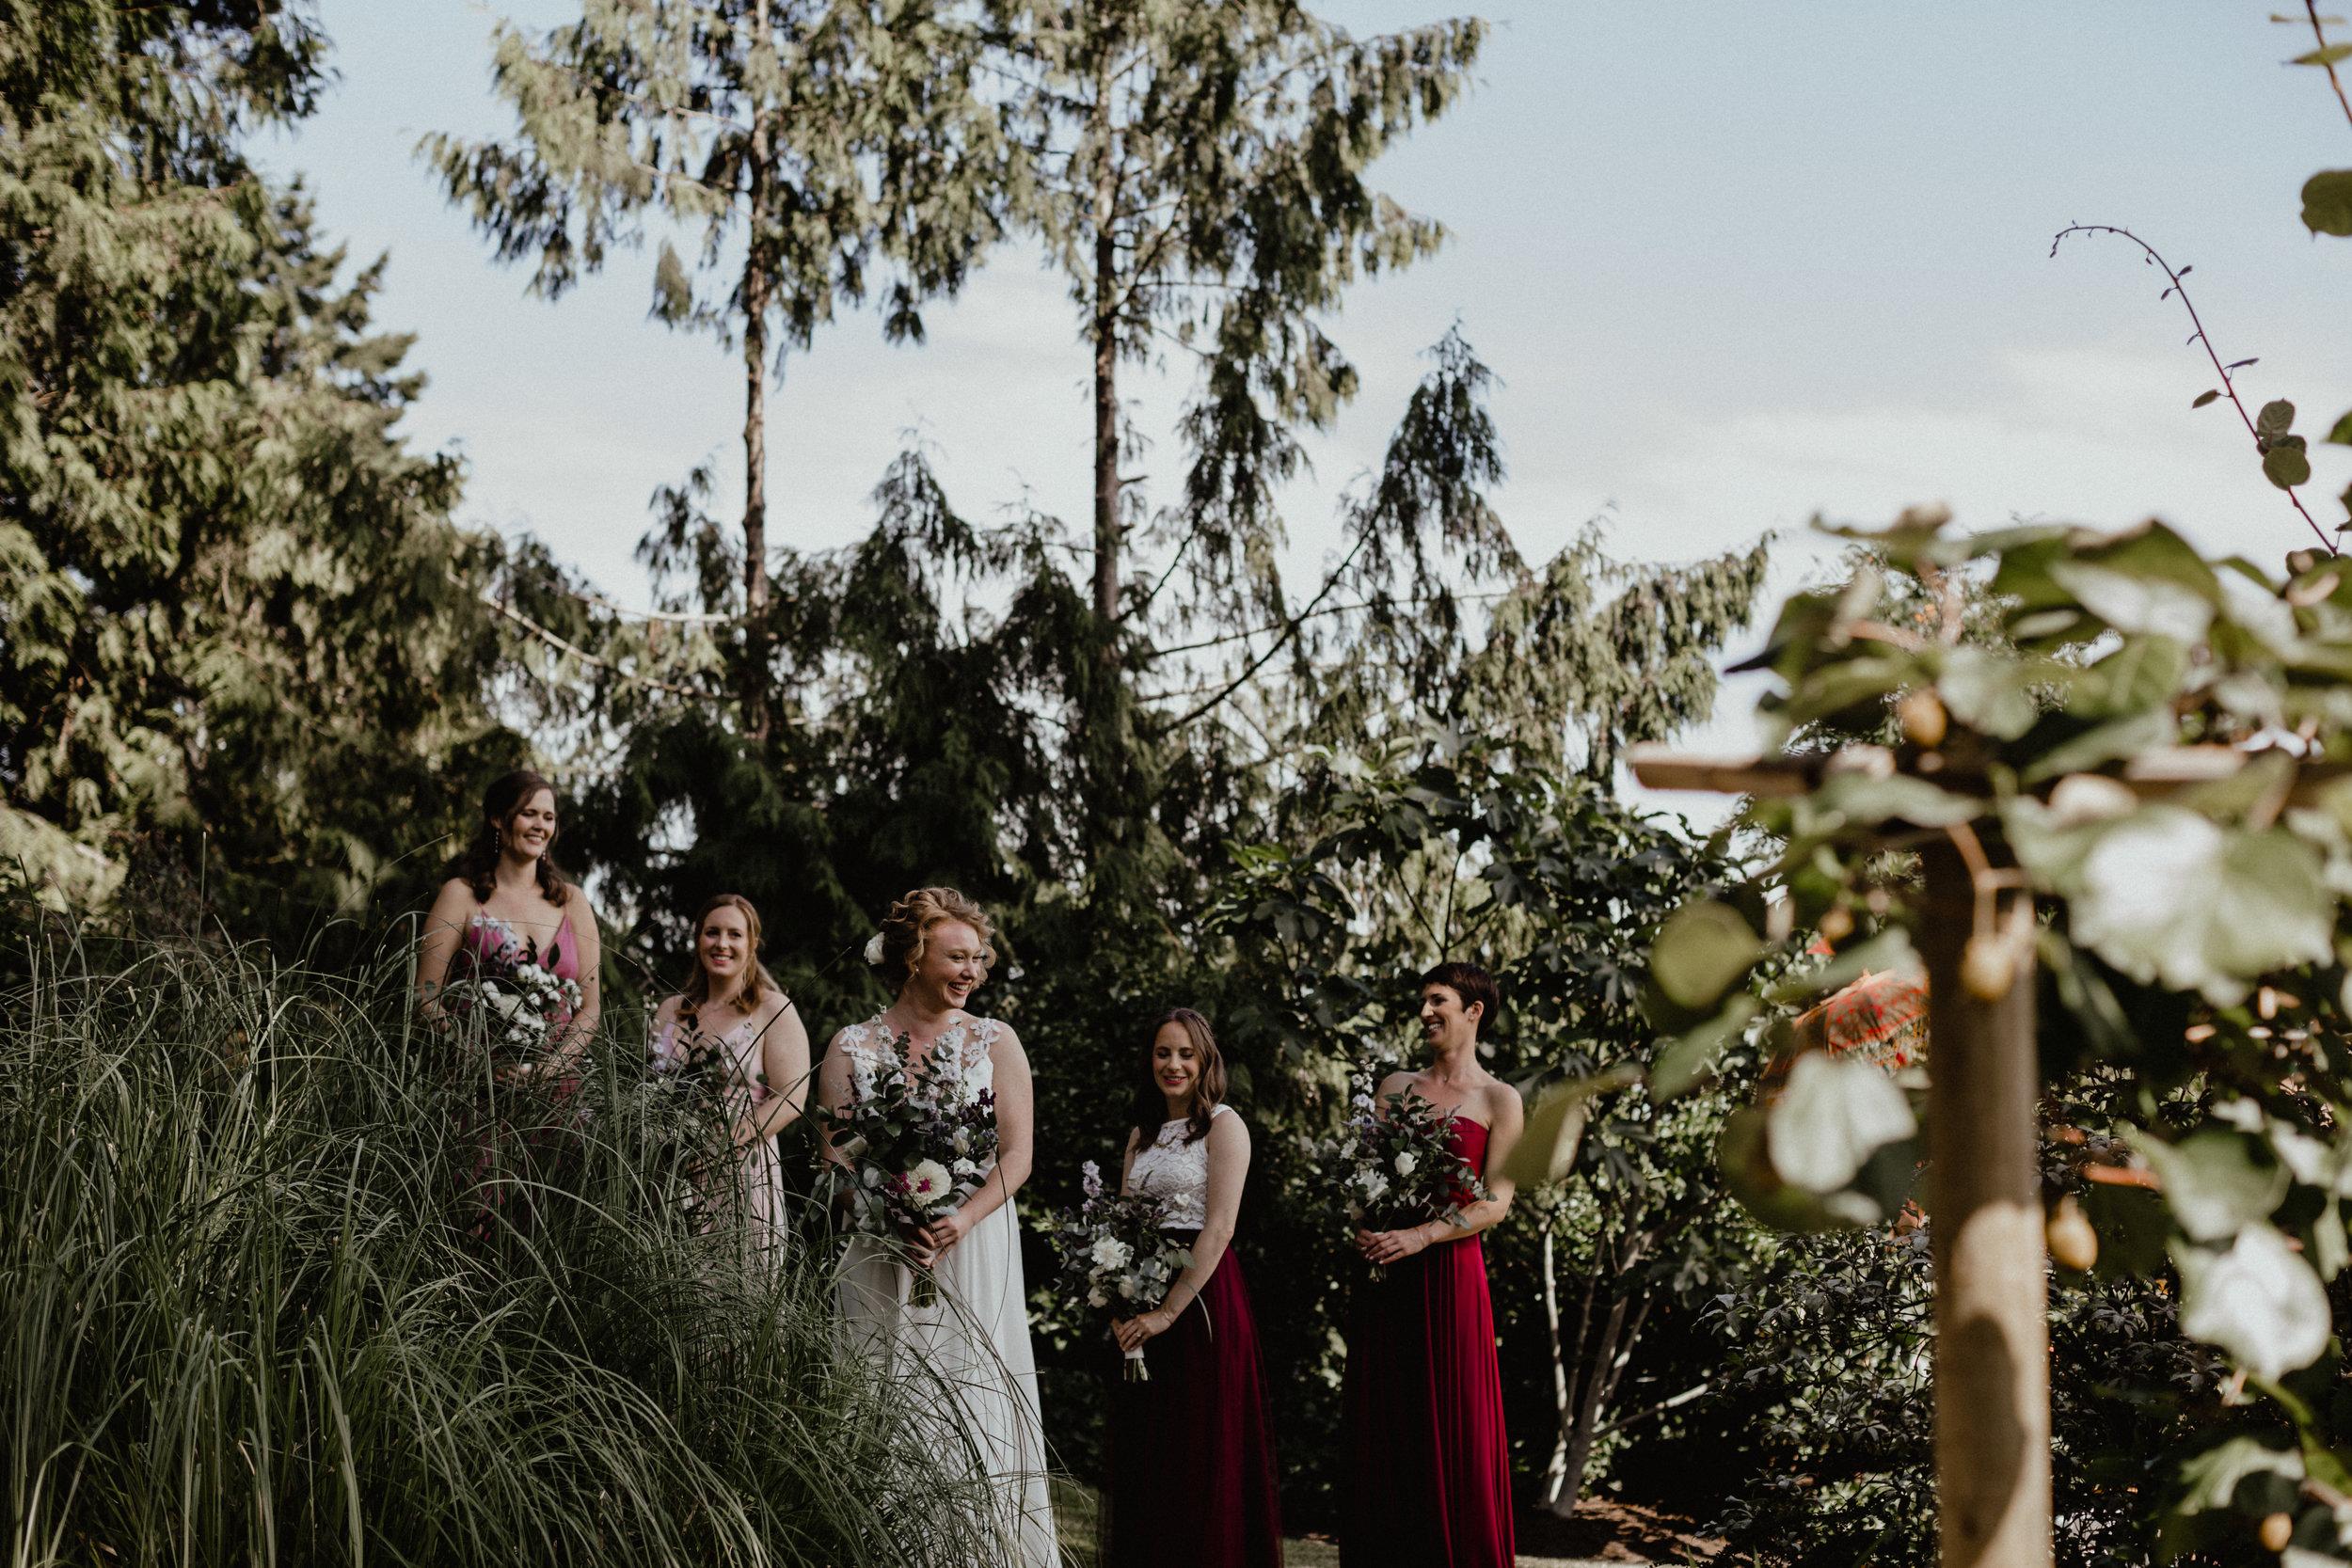 west-vancouver-backyard-wedding-49.jpg